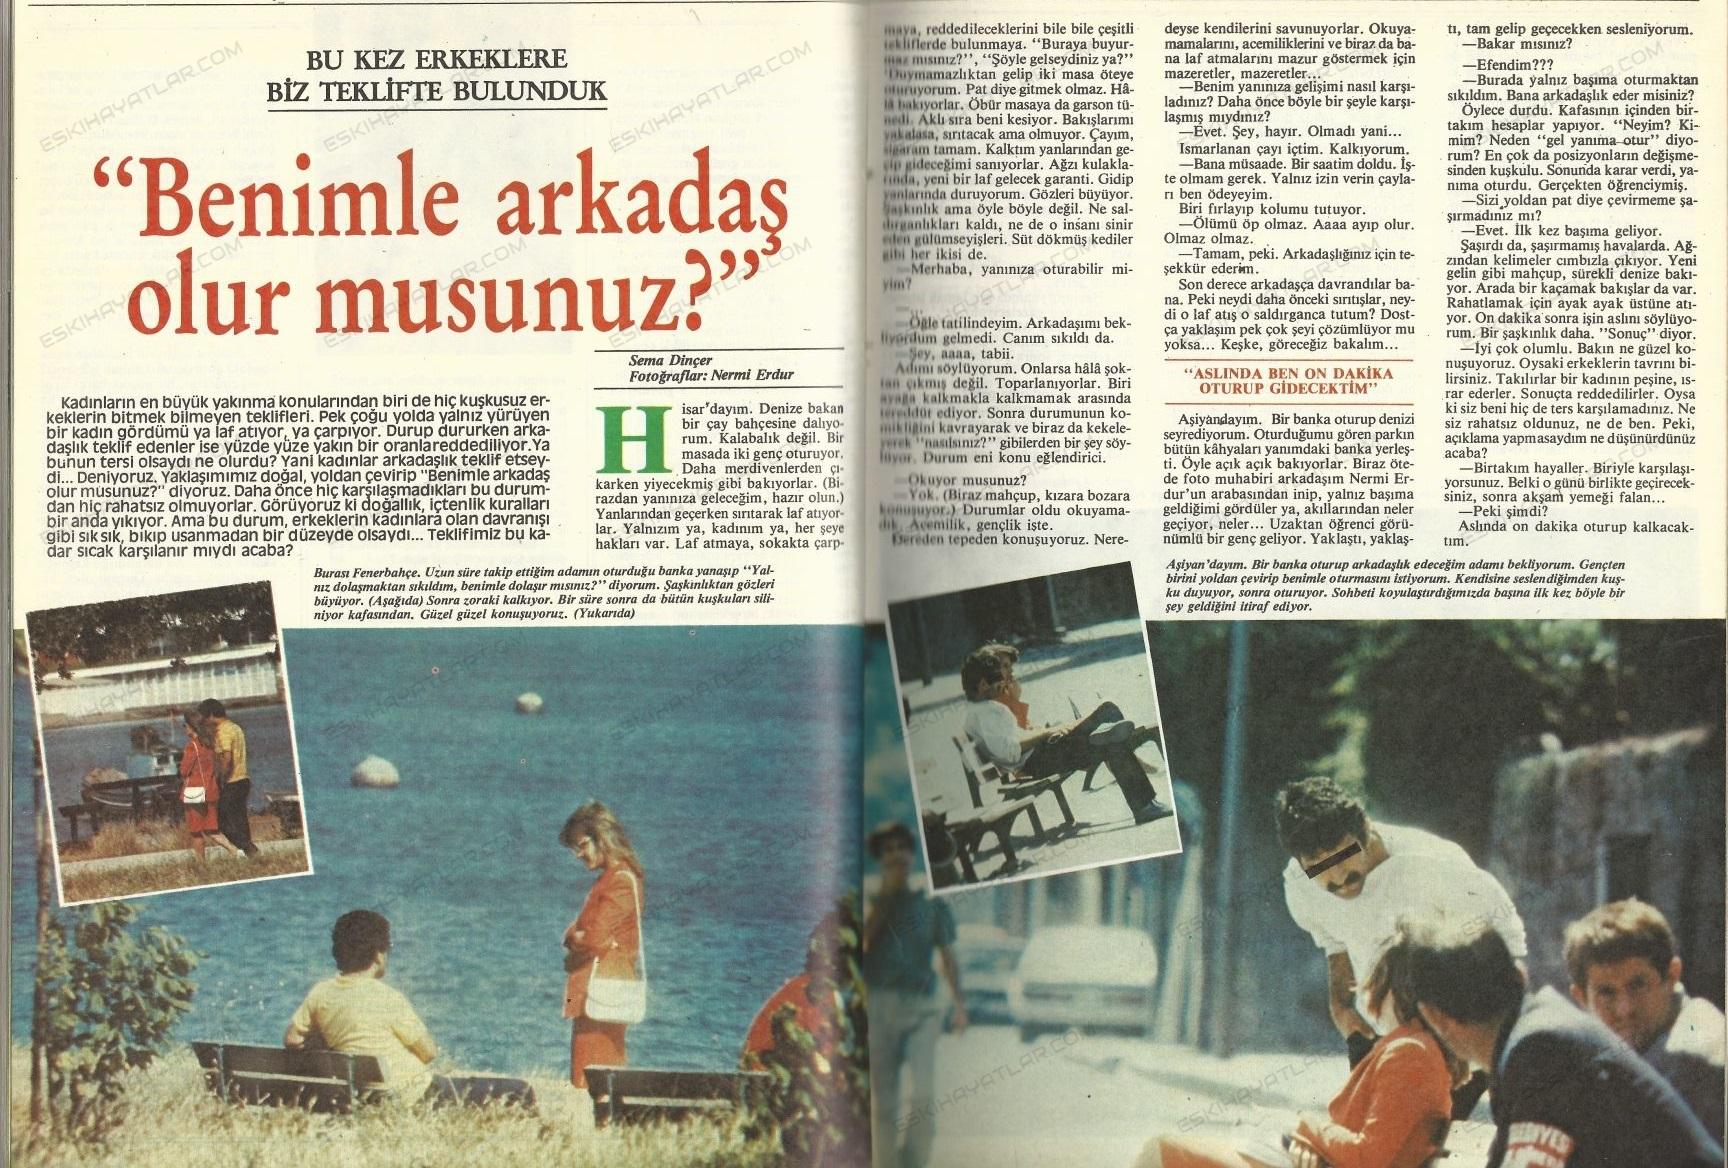 0584-benimle-arkadas-olur-musunuz-1984-kadinca-dergisi-roportaji (2)